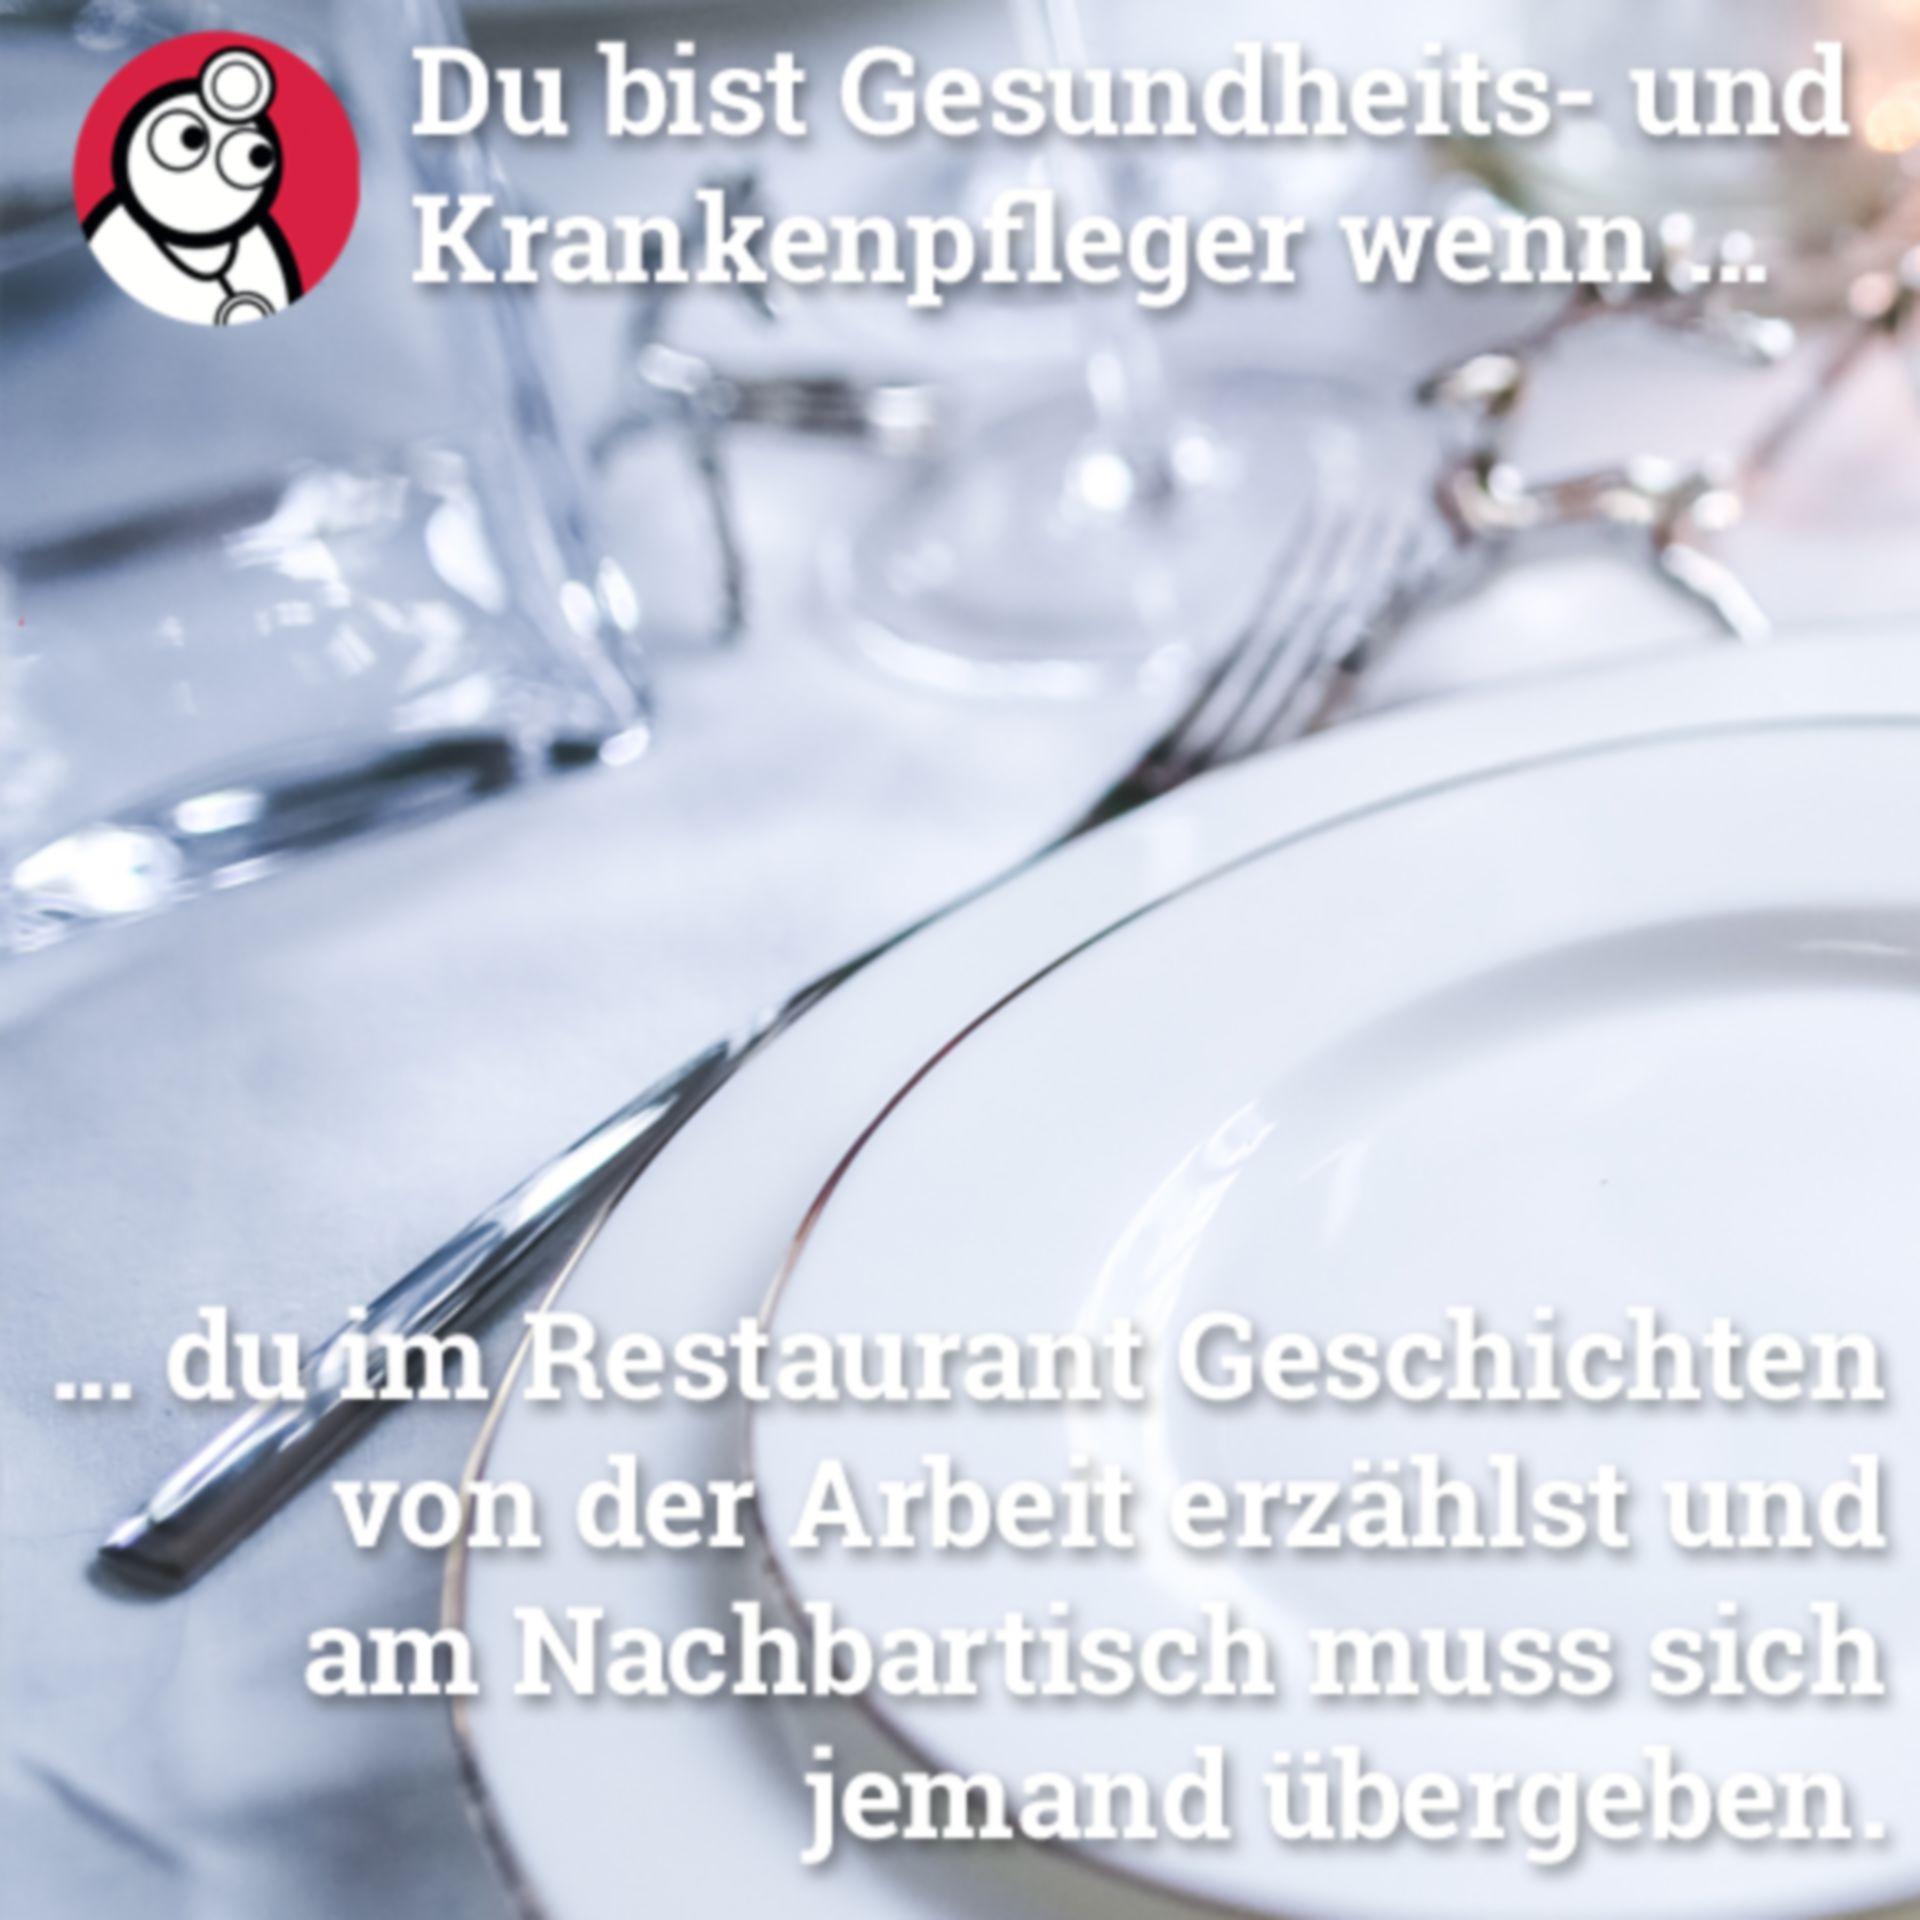 Übelkeit im Restaurant